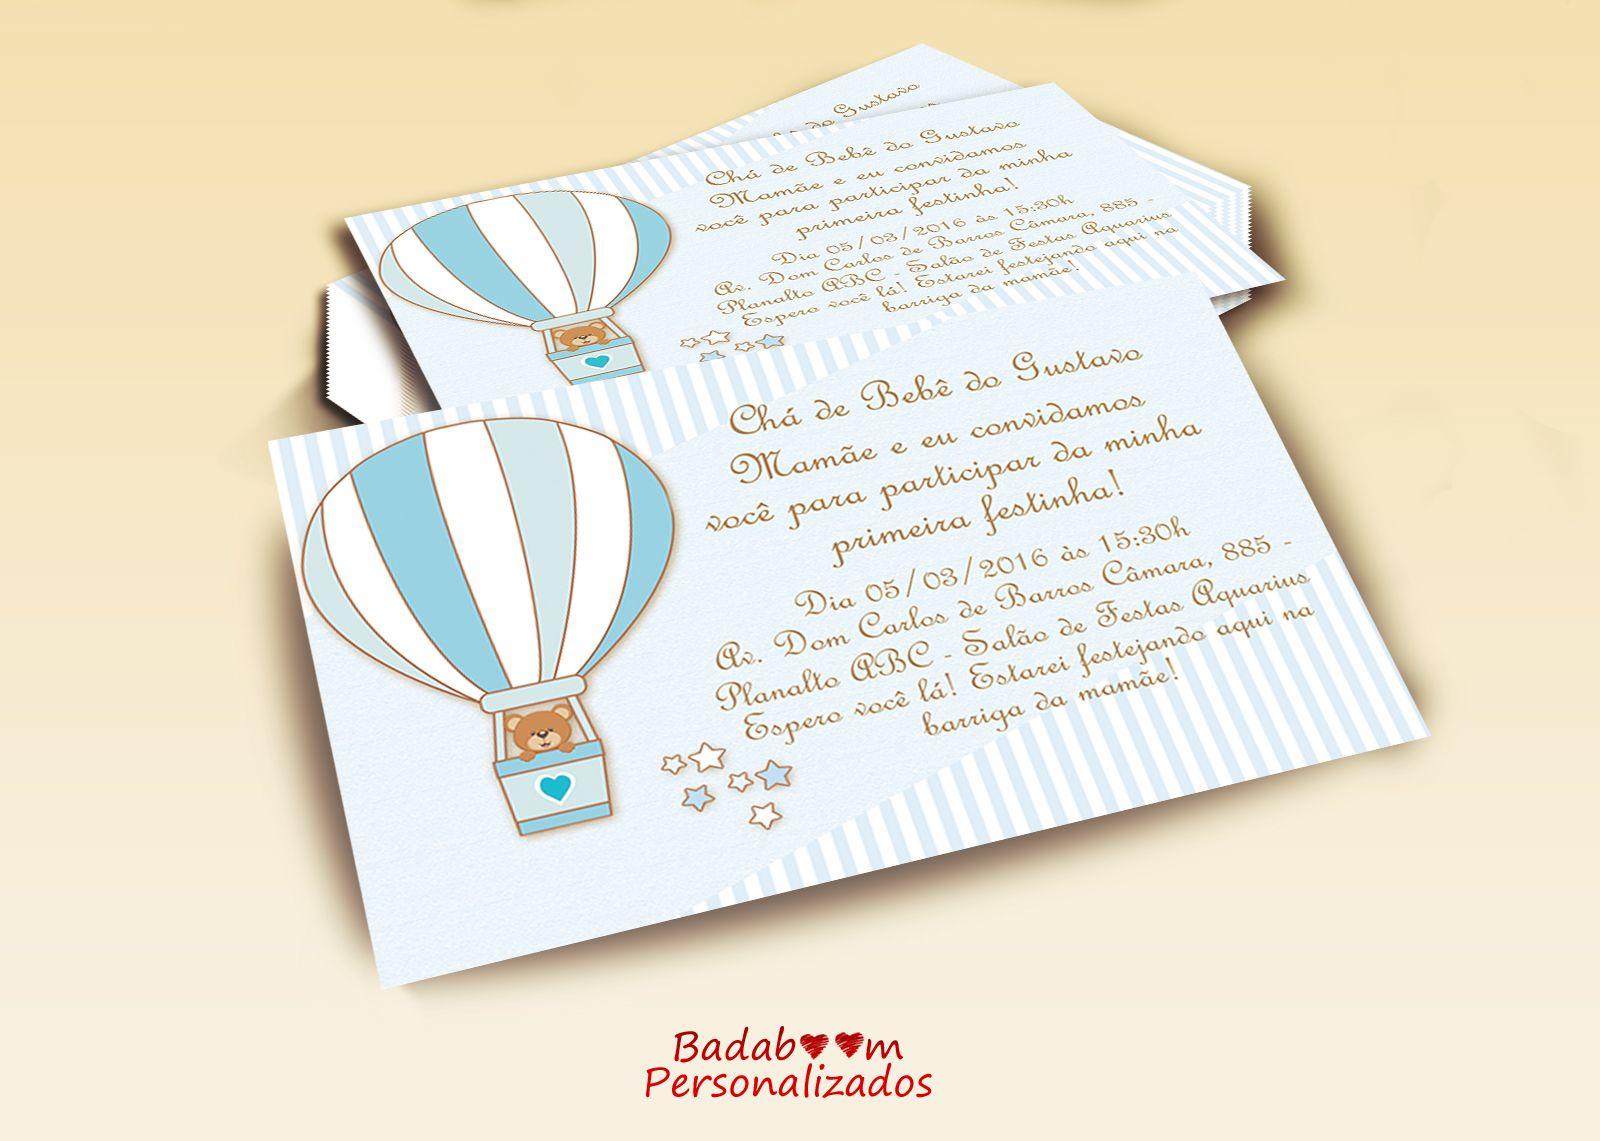 Encontrada No Google Em Pinterest Com Convite Cha De Bebe Convite Ideias De Convite